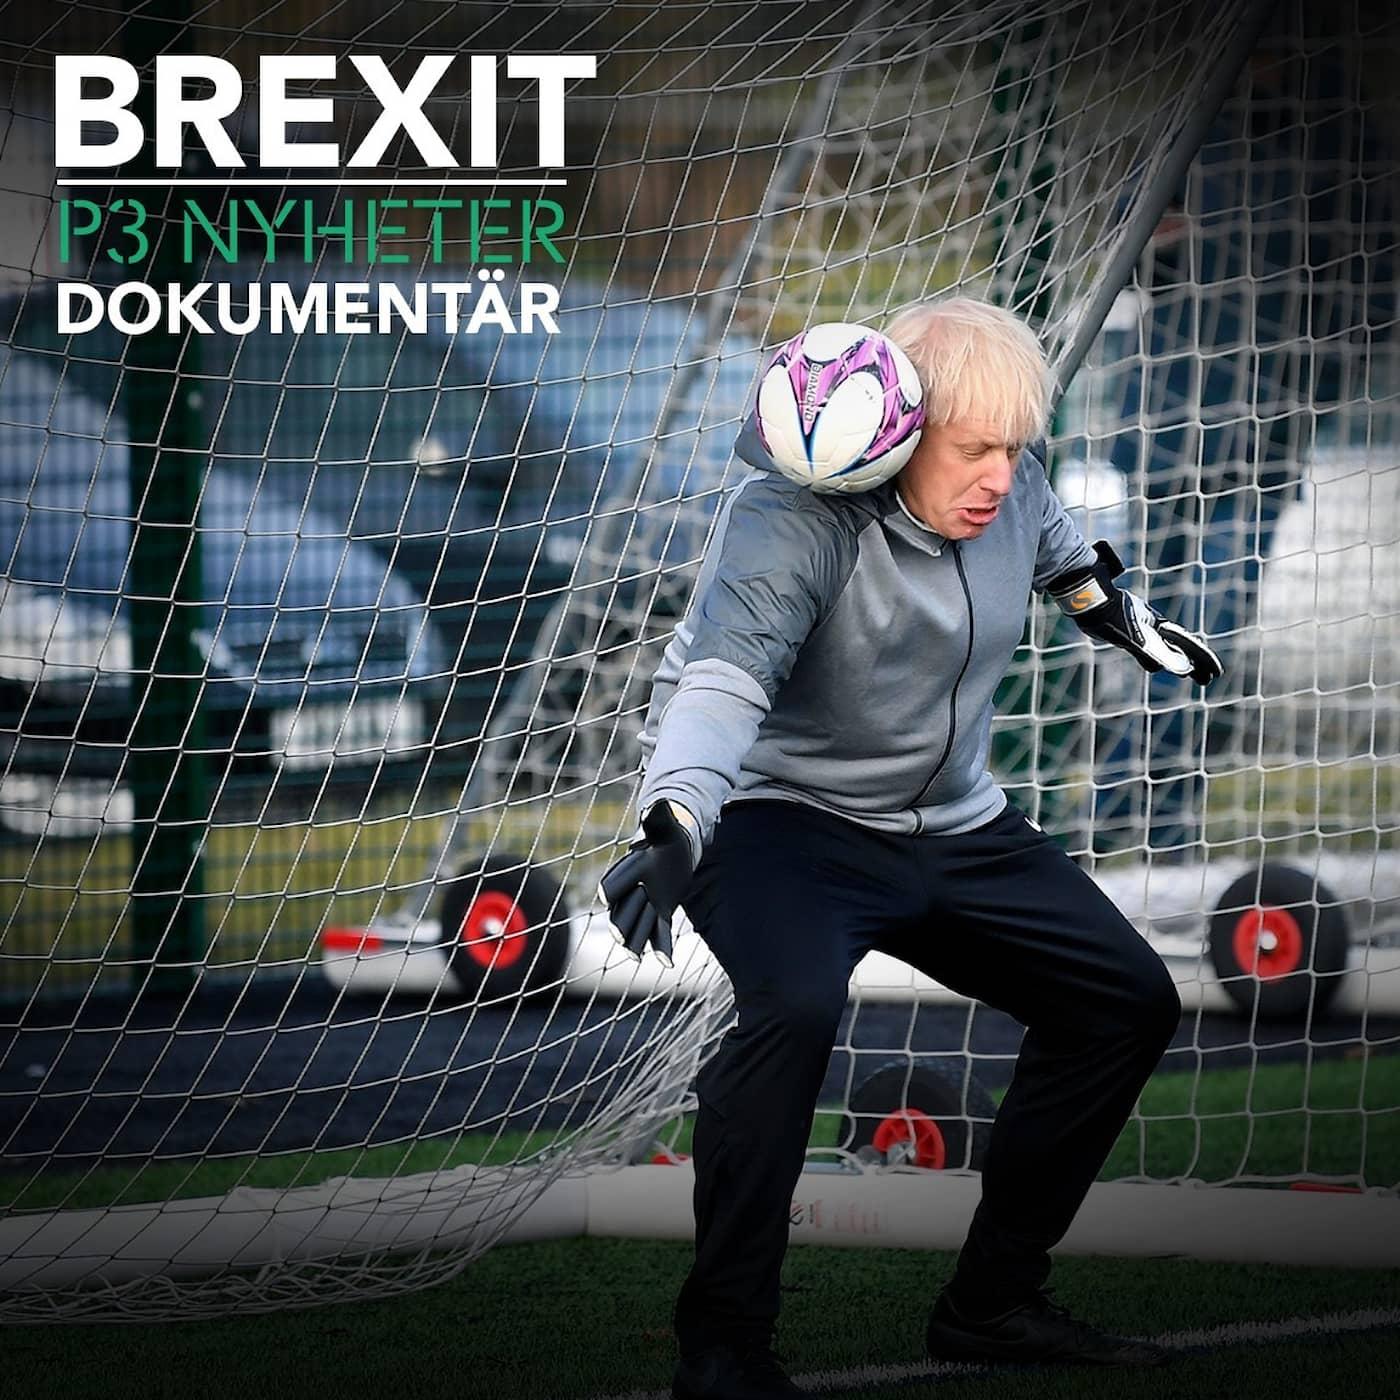 Brexit – P3 Nyheter Dokumentär